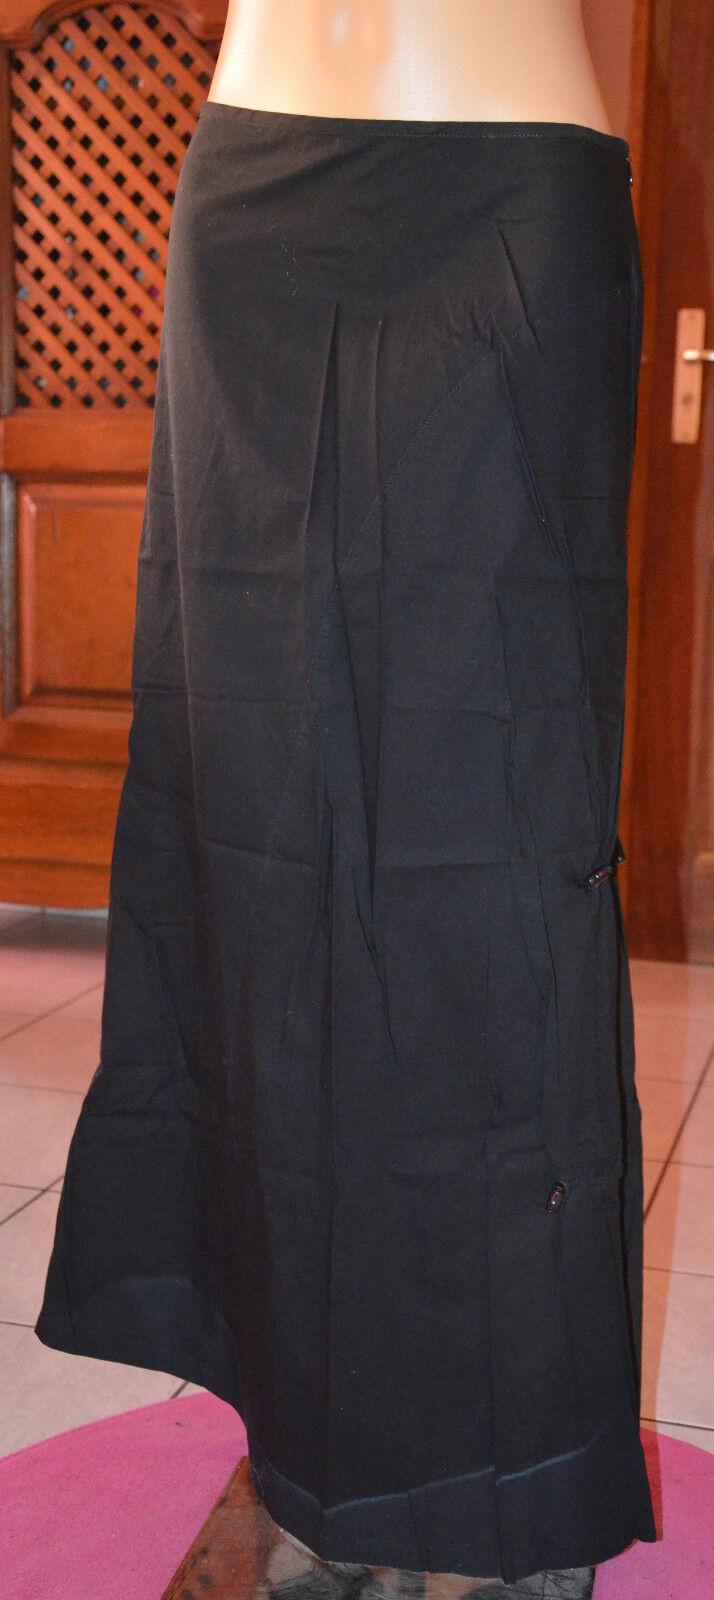 COP COPINE -Très jolie jupe black modèle stara - size 38 - EXCELLENT ÉTAT